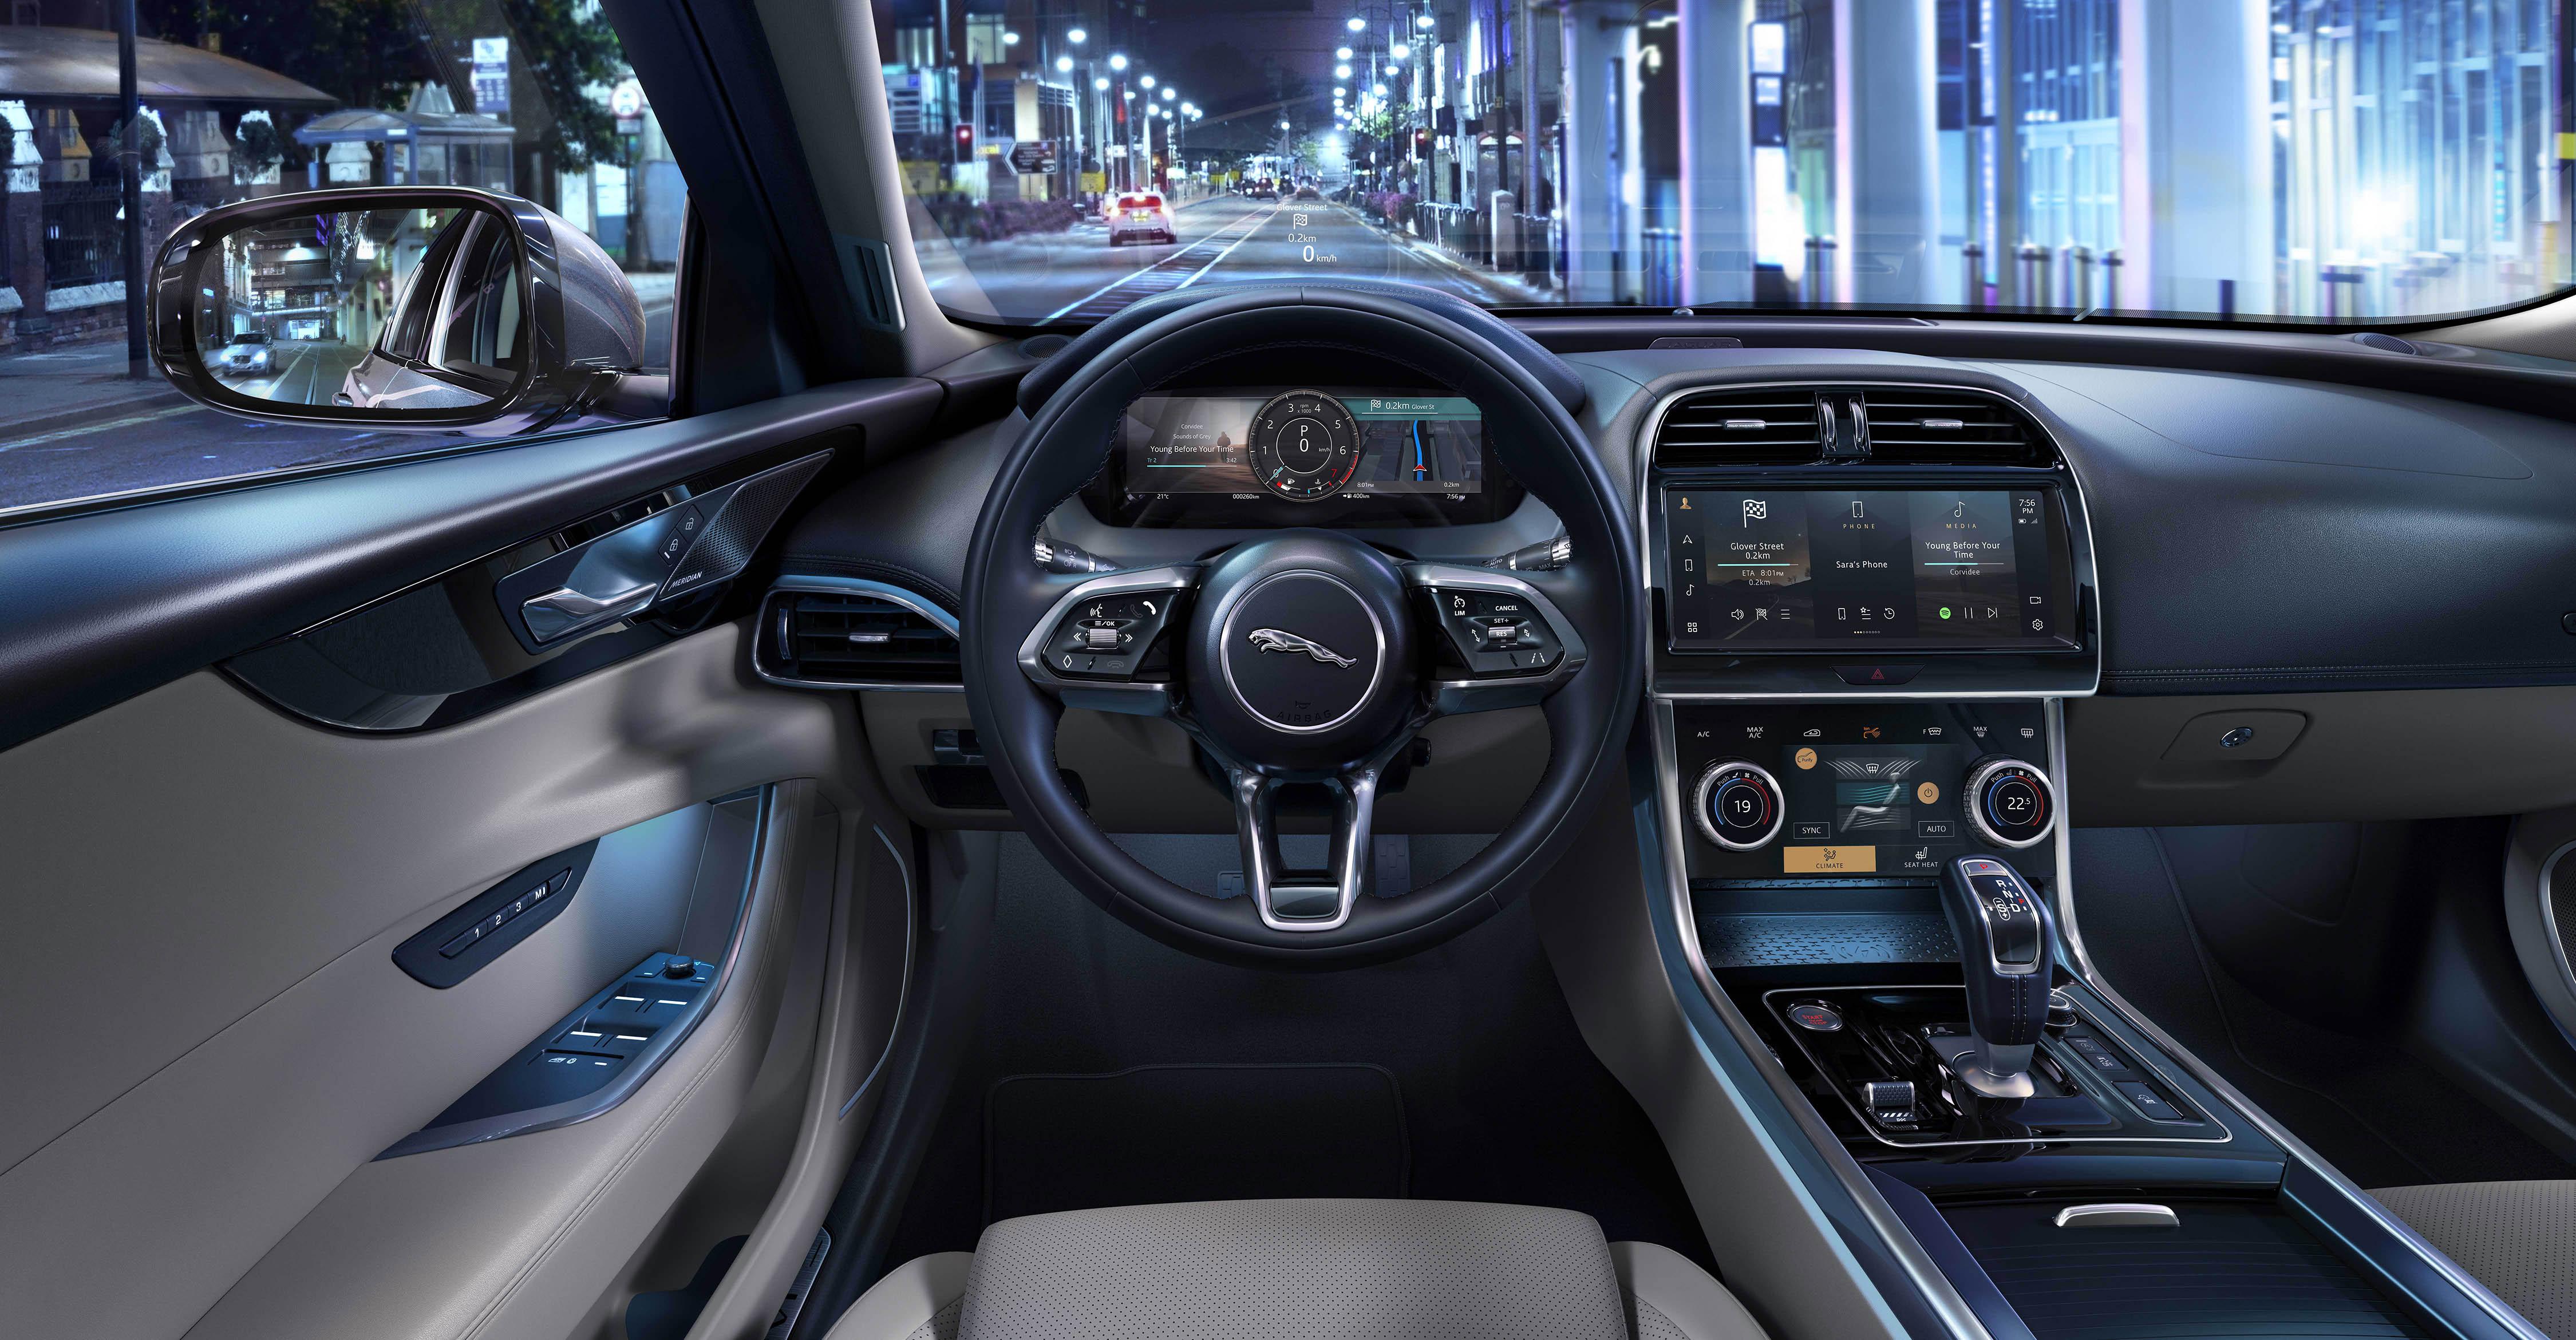 366798 jag xe 21my interior 061020 a039 glhd 077b3a original 1601906350